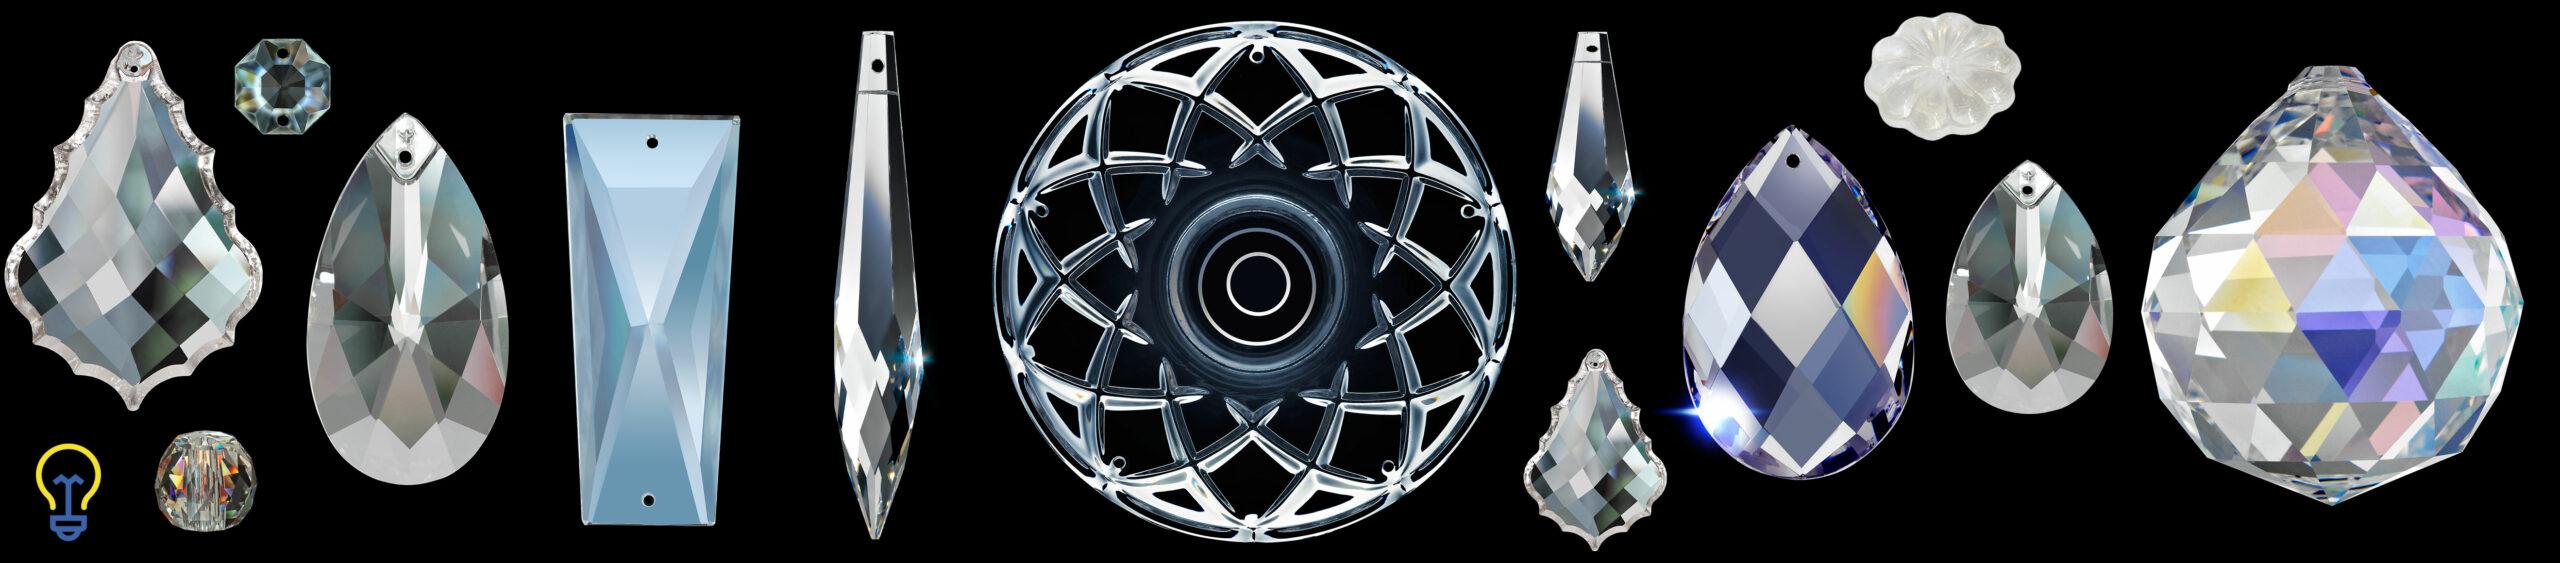 Glazen en kristallen onderdelen voor kroonluchters. glas Kristal hangers schaaltje bobeches